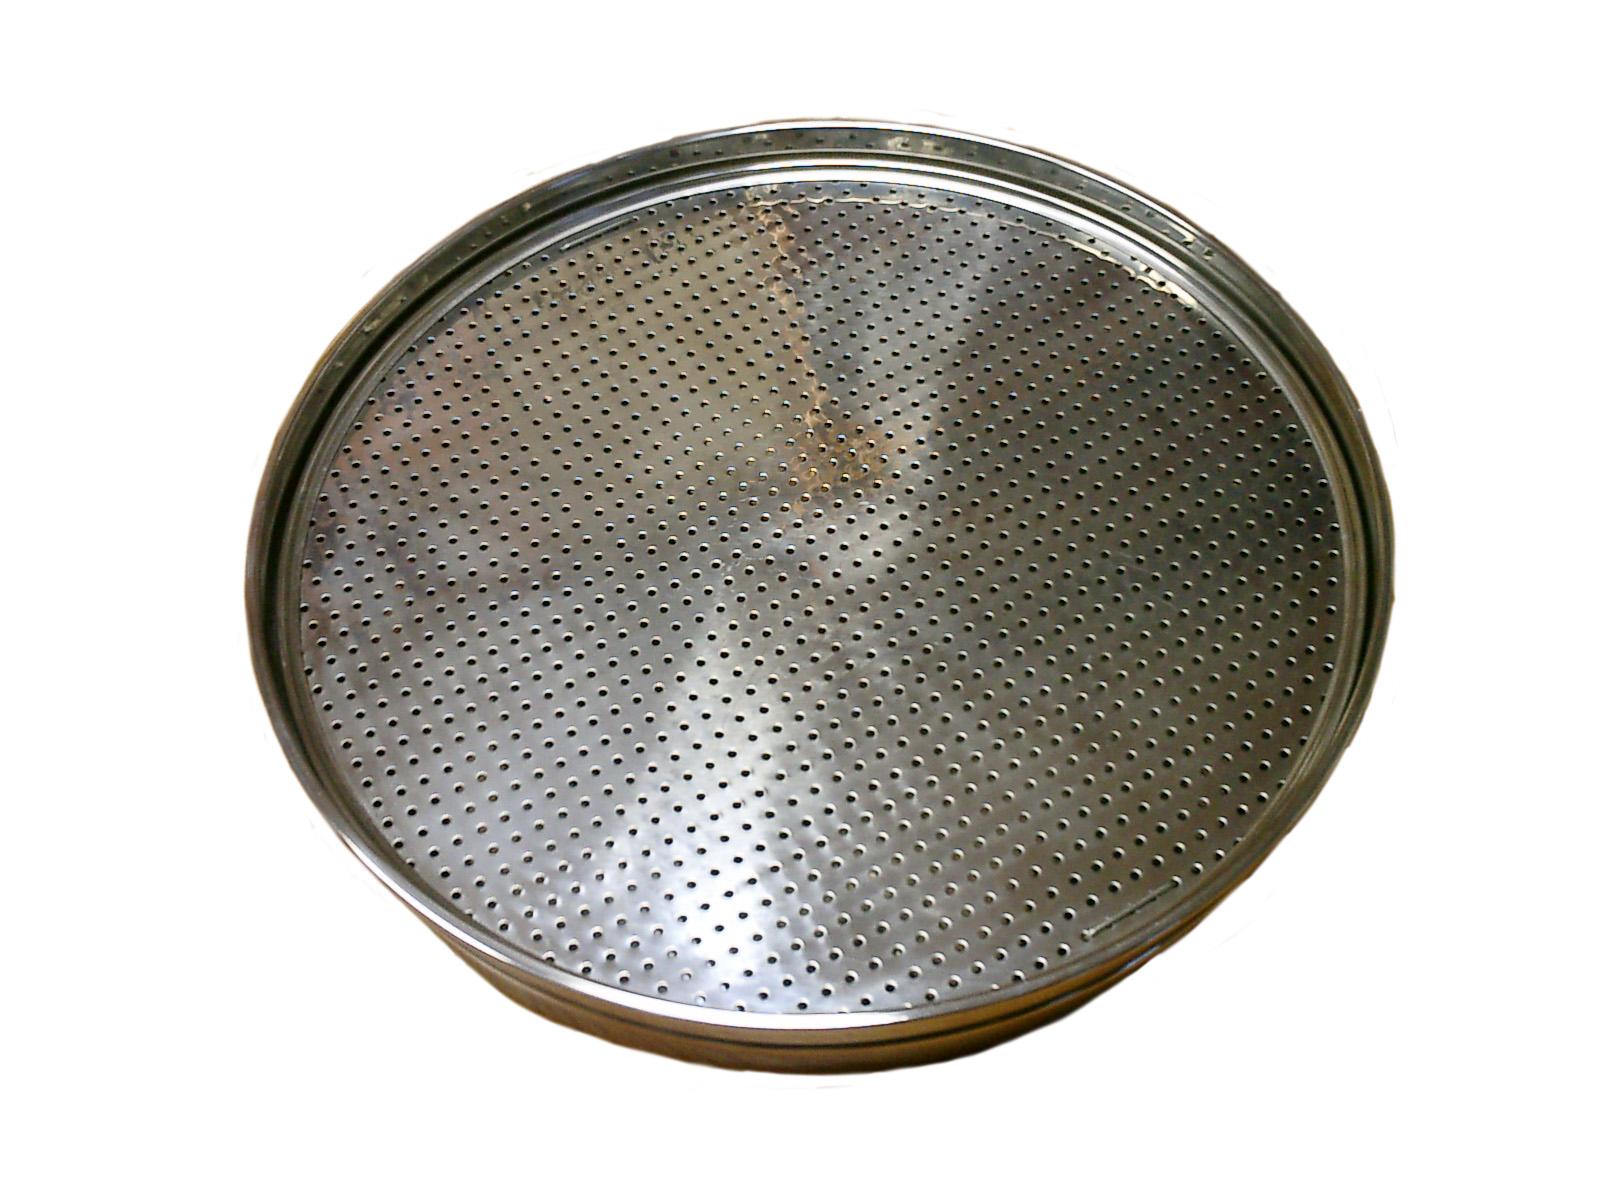 escurridor-plano-para-porras-63-cm-de-diametro